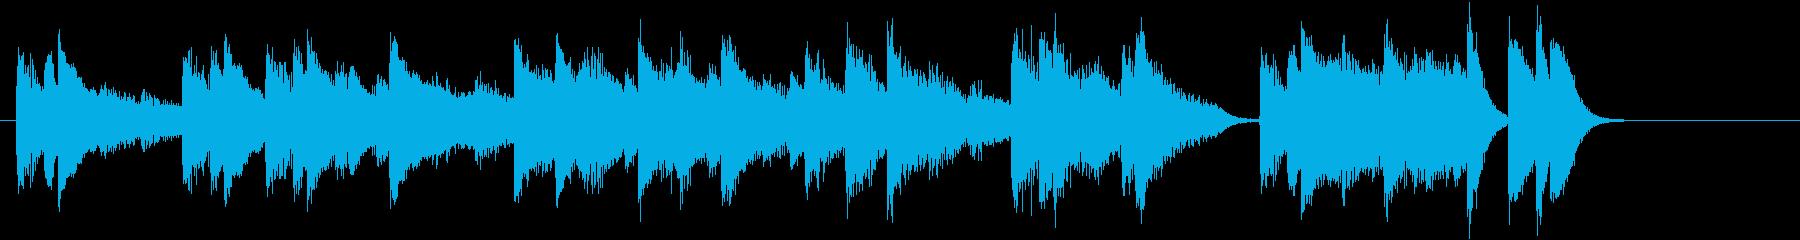 「乾杯の歌」モチーフのピアノジングルAの再生済みの波形